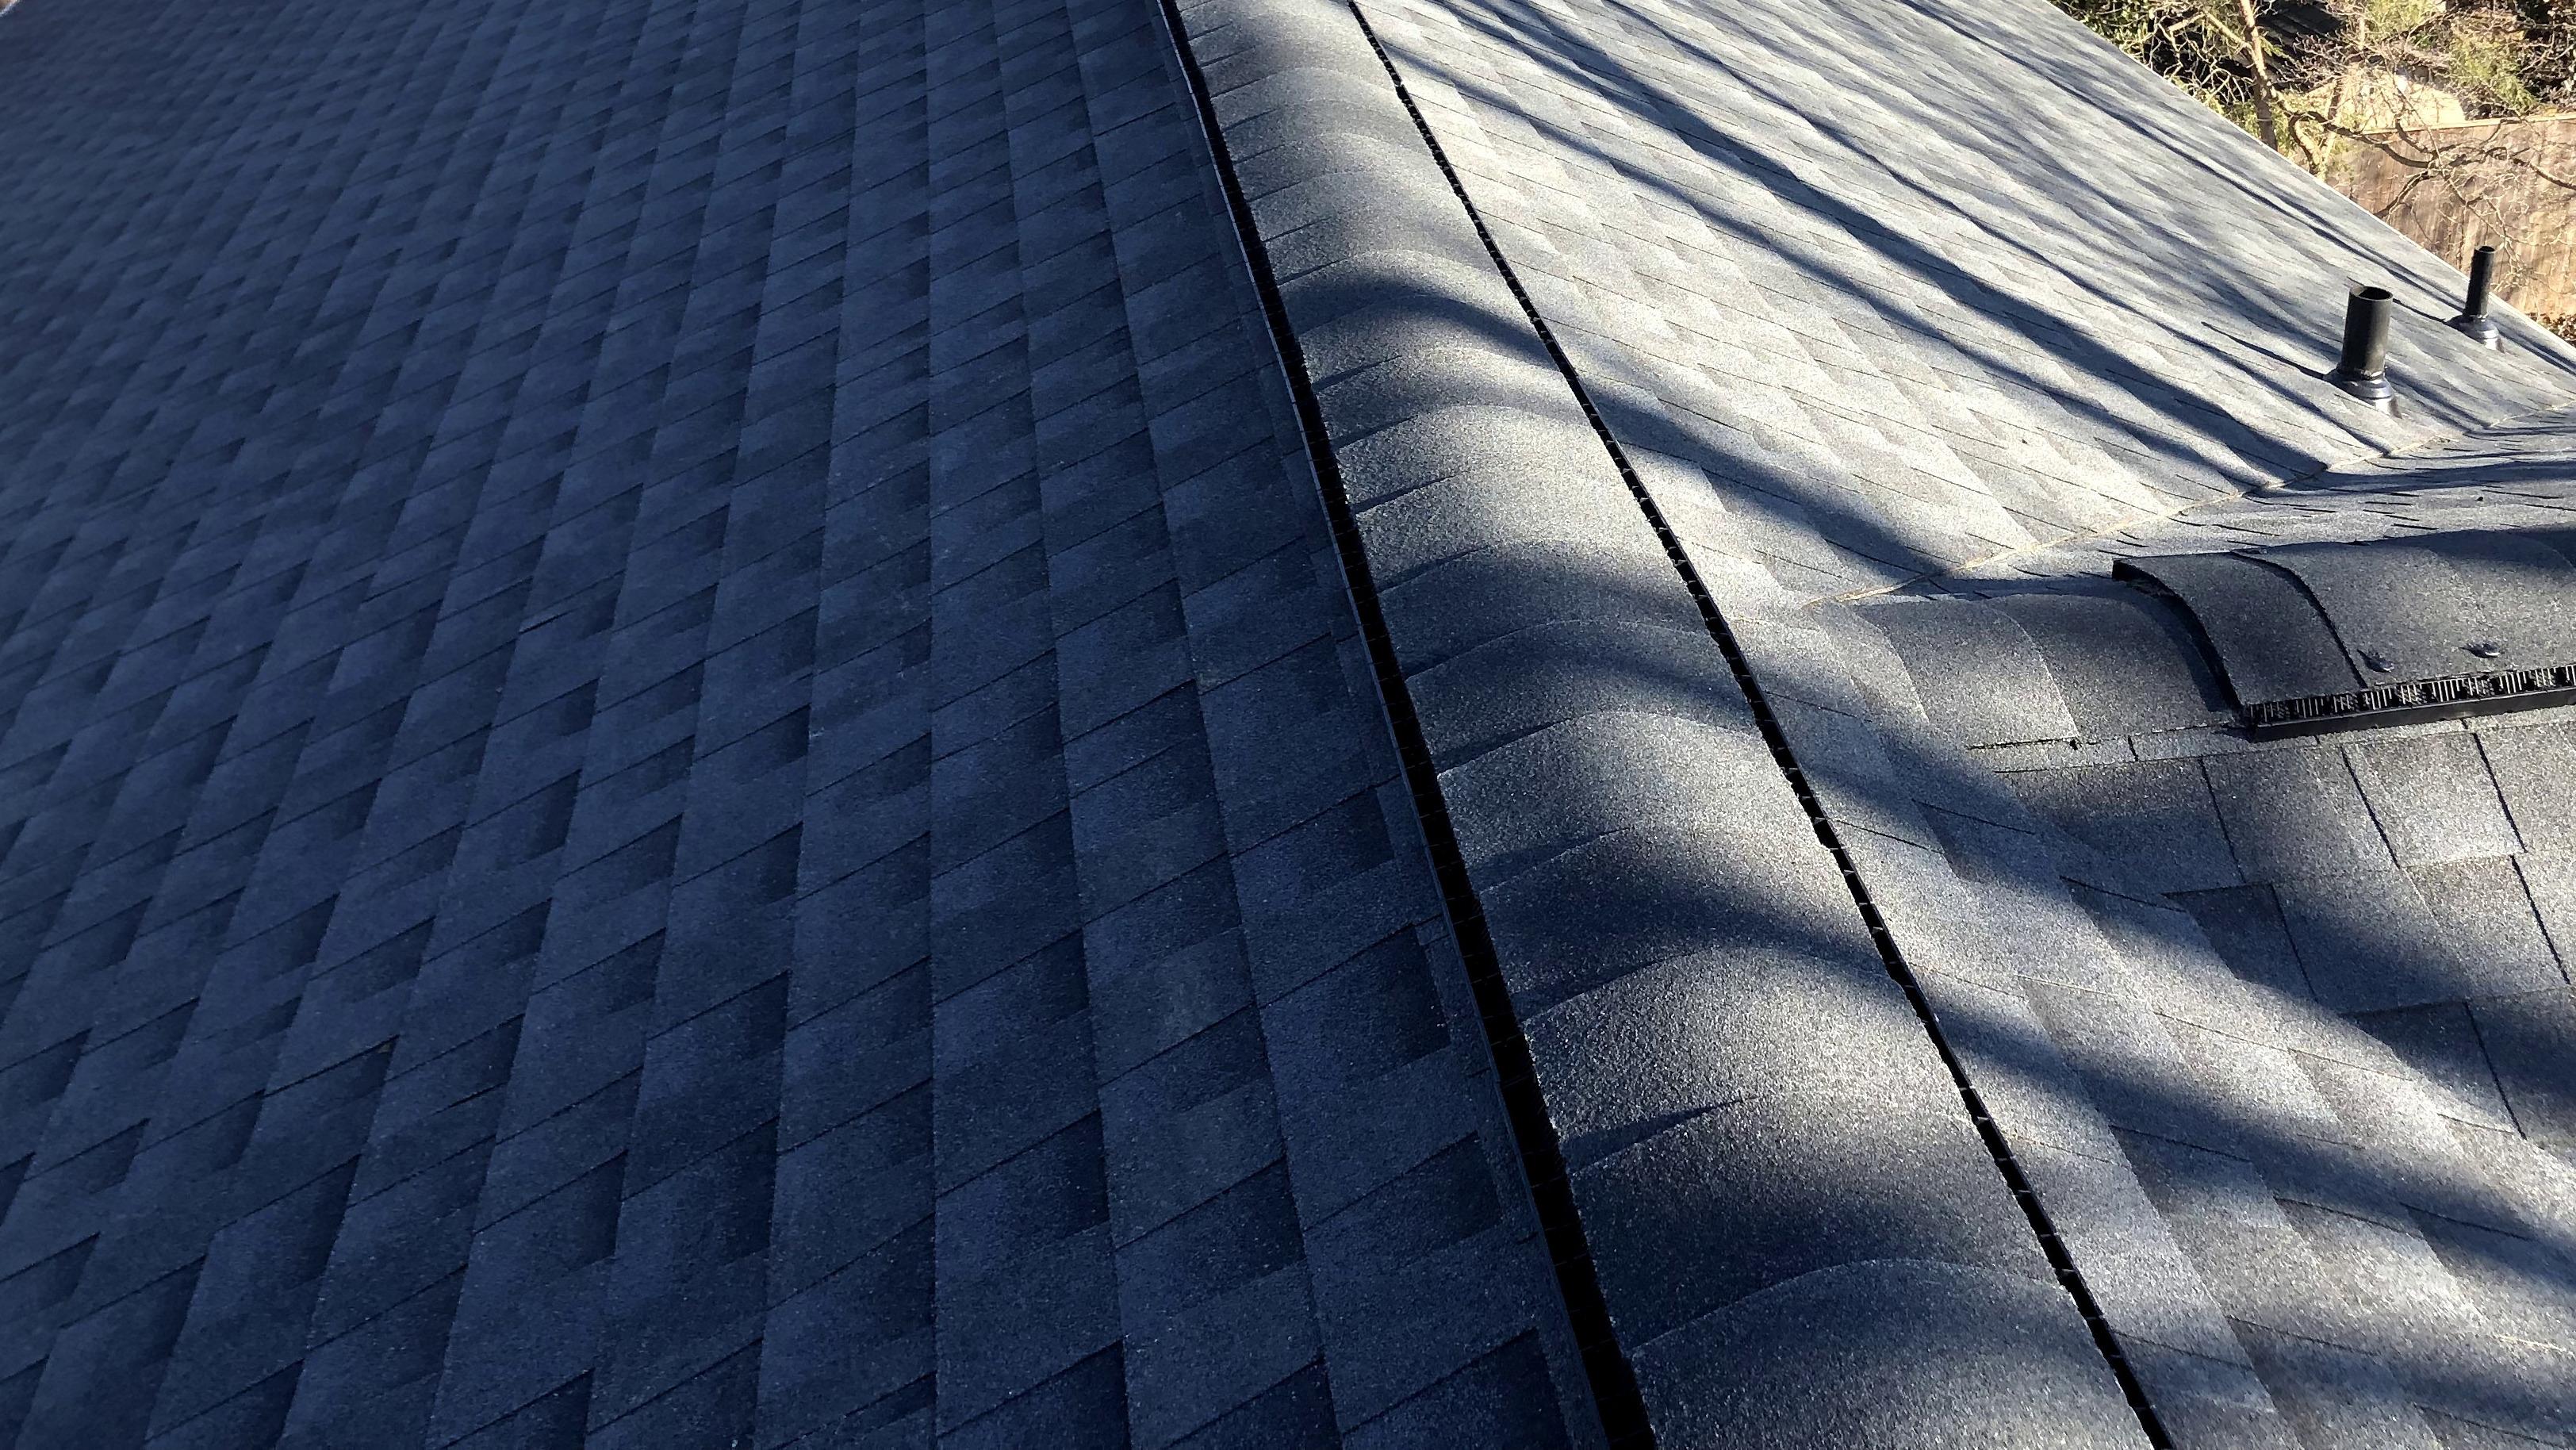 Elkridge Roofer in 21075